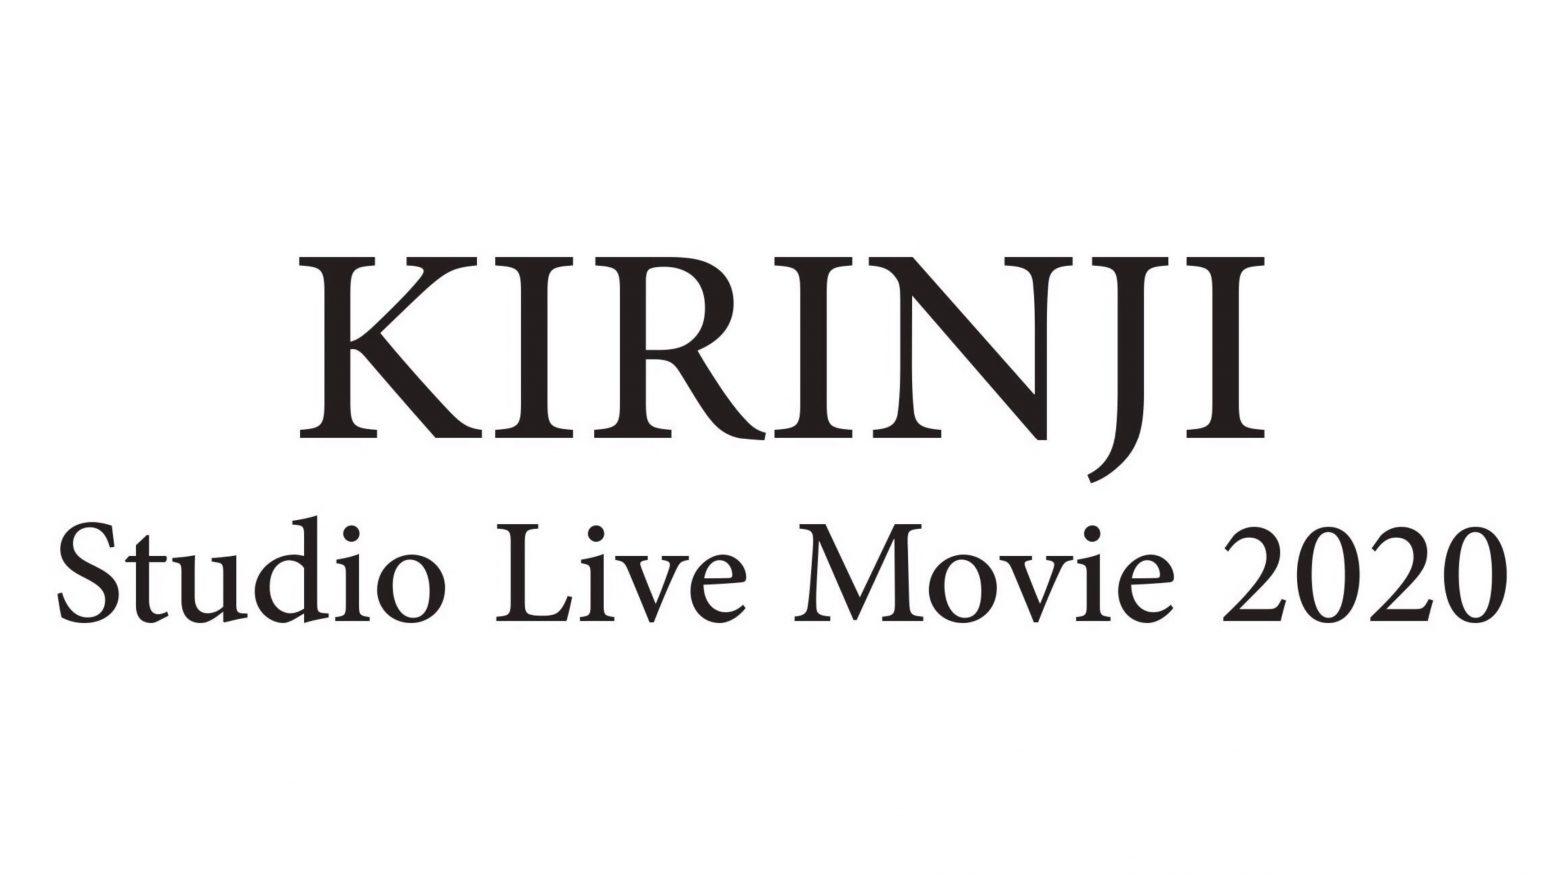 「KIRINJI Studio Live Movie 2020」